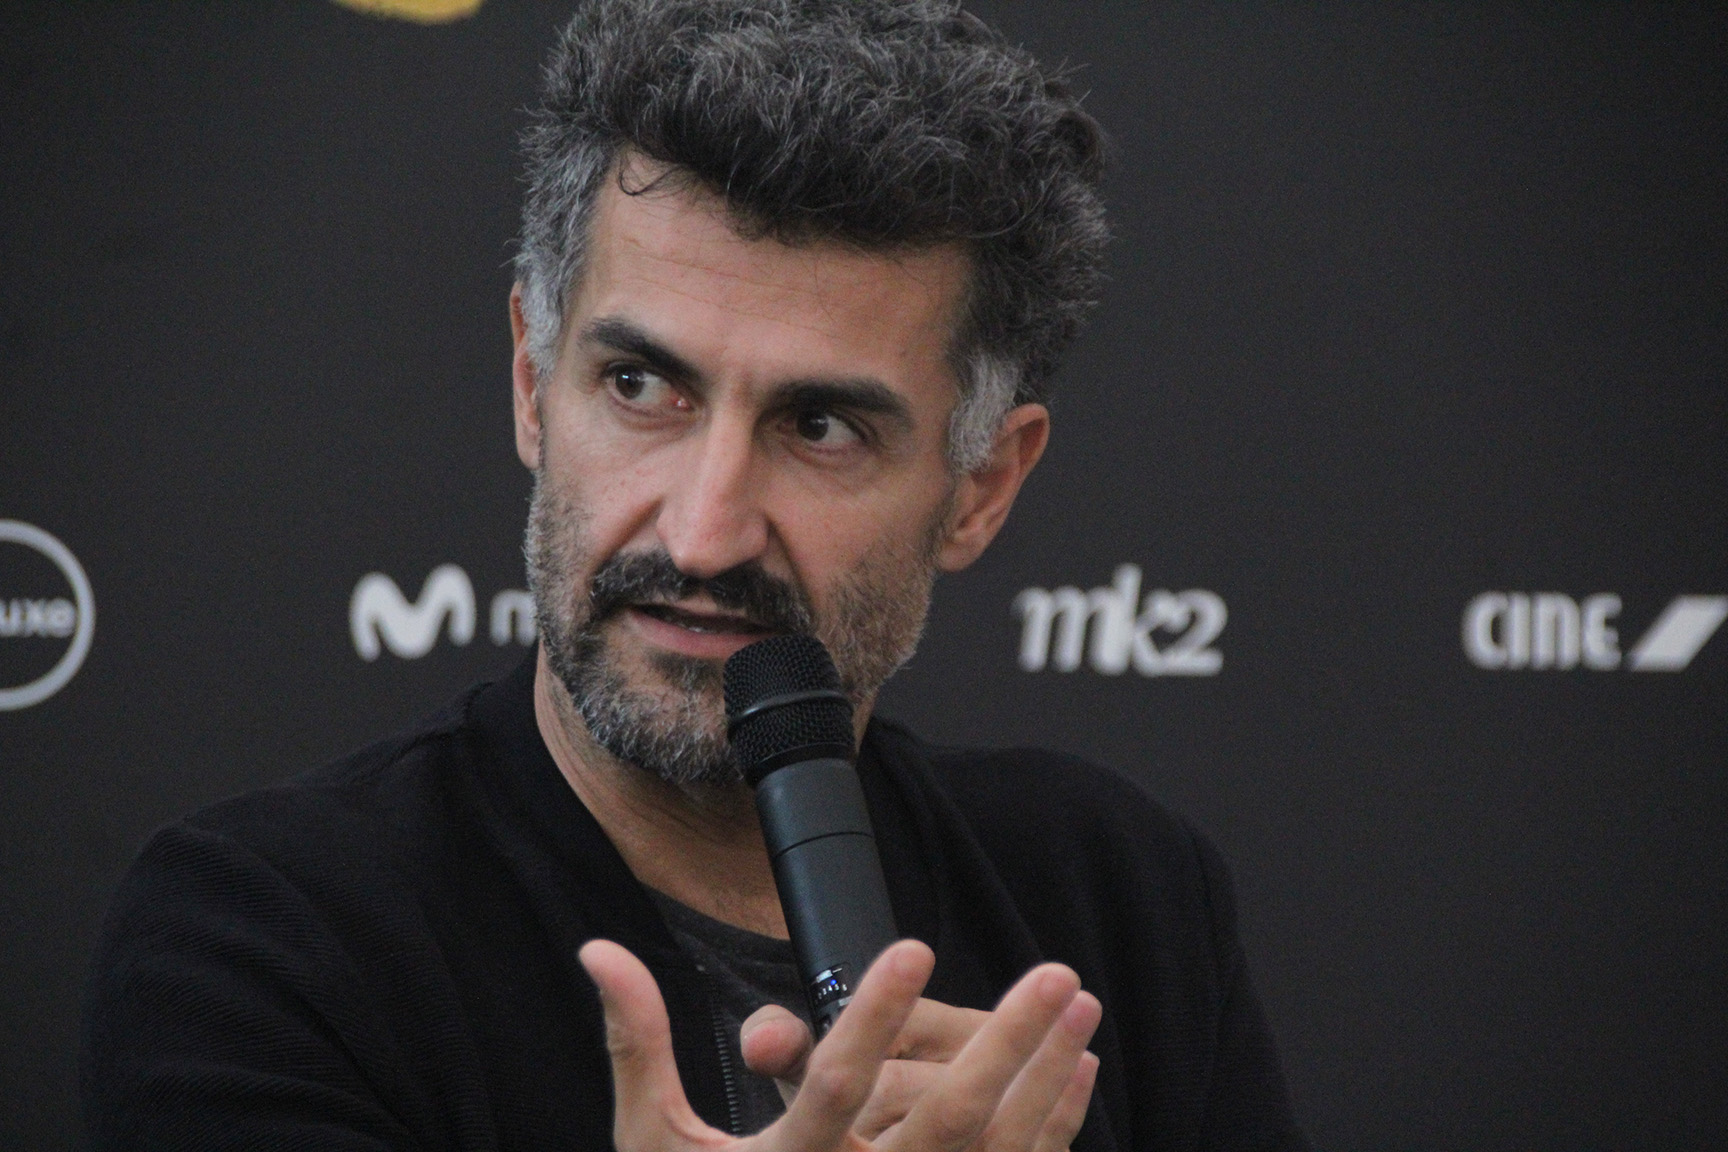 Alegría tristeza llega al Festival de Cine de Sevilla para conquistar corazones